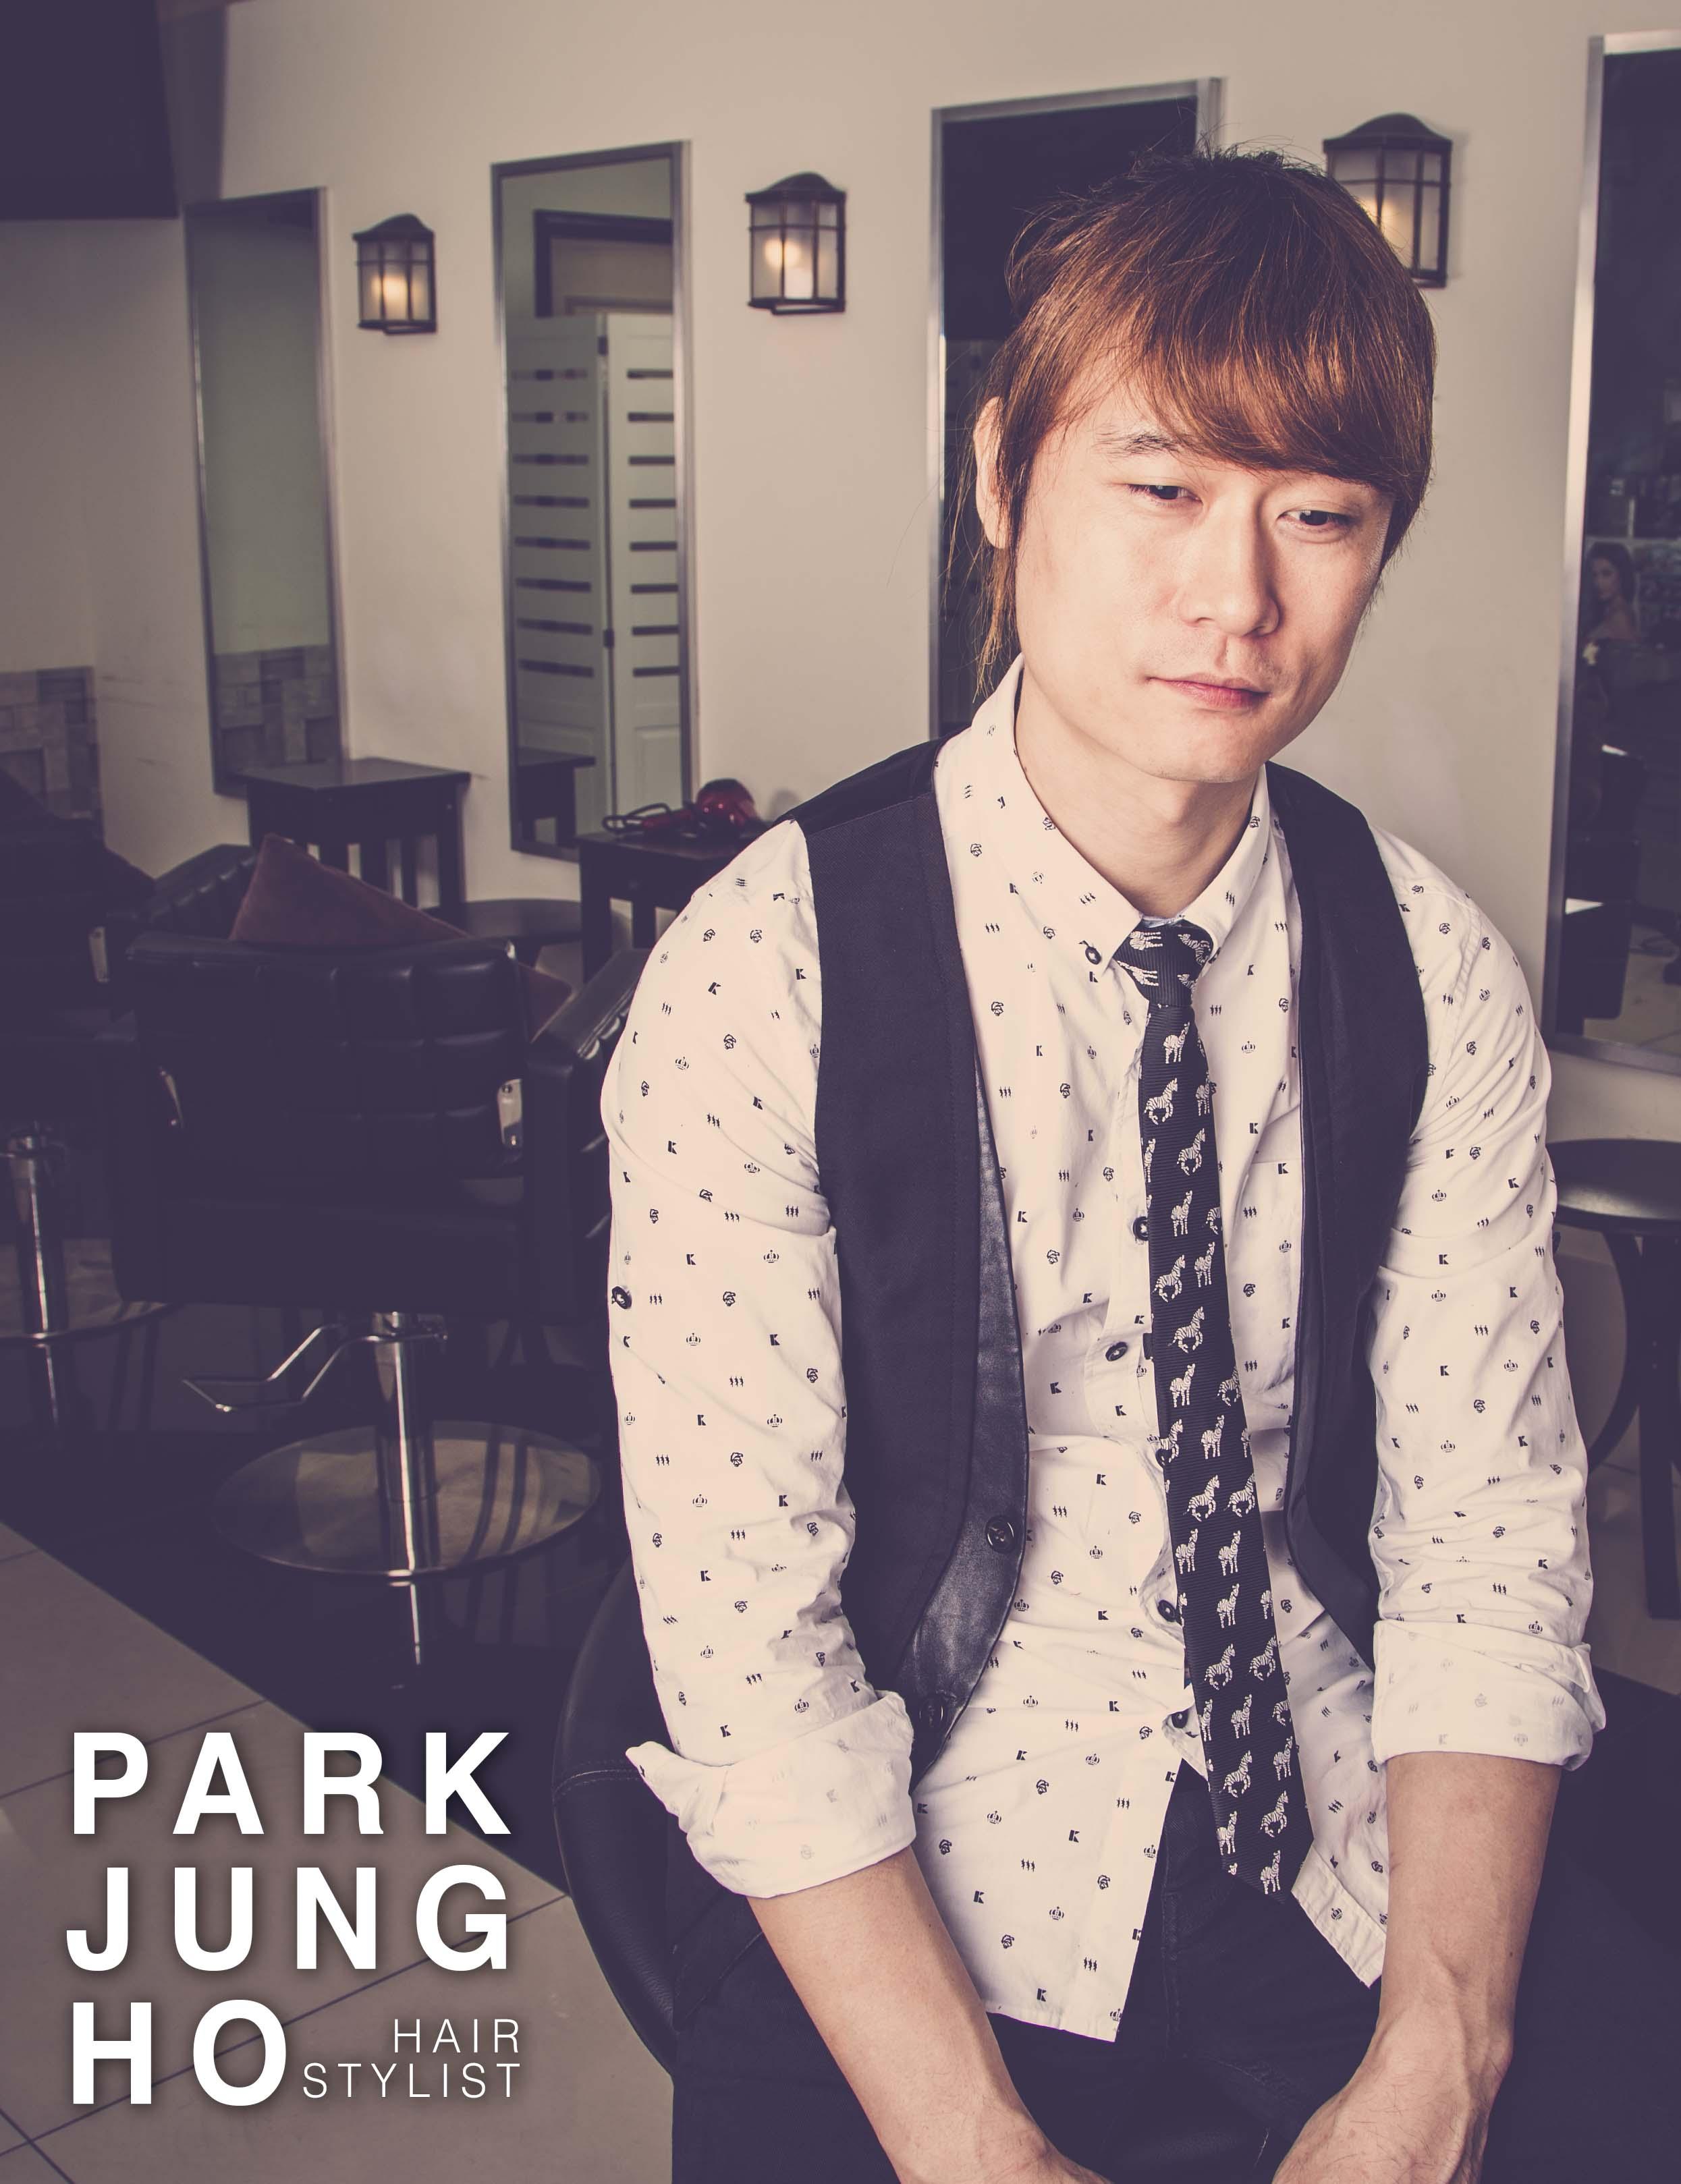 Park Jung Ho, Korean Hair Stylist in Penang